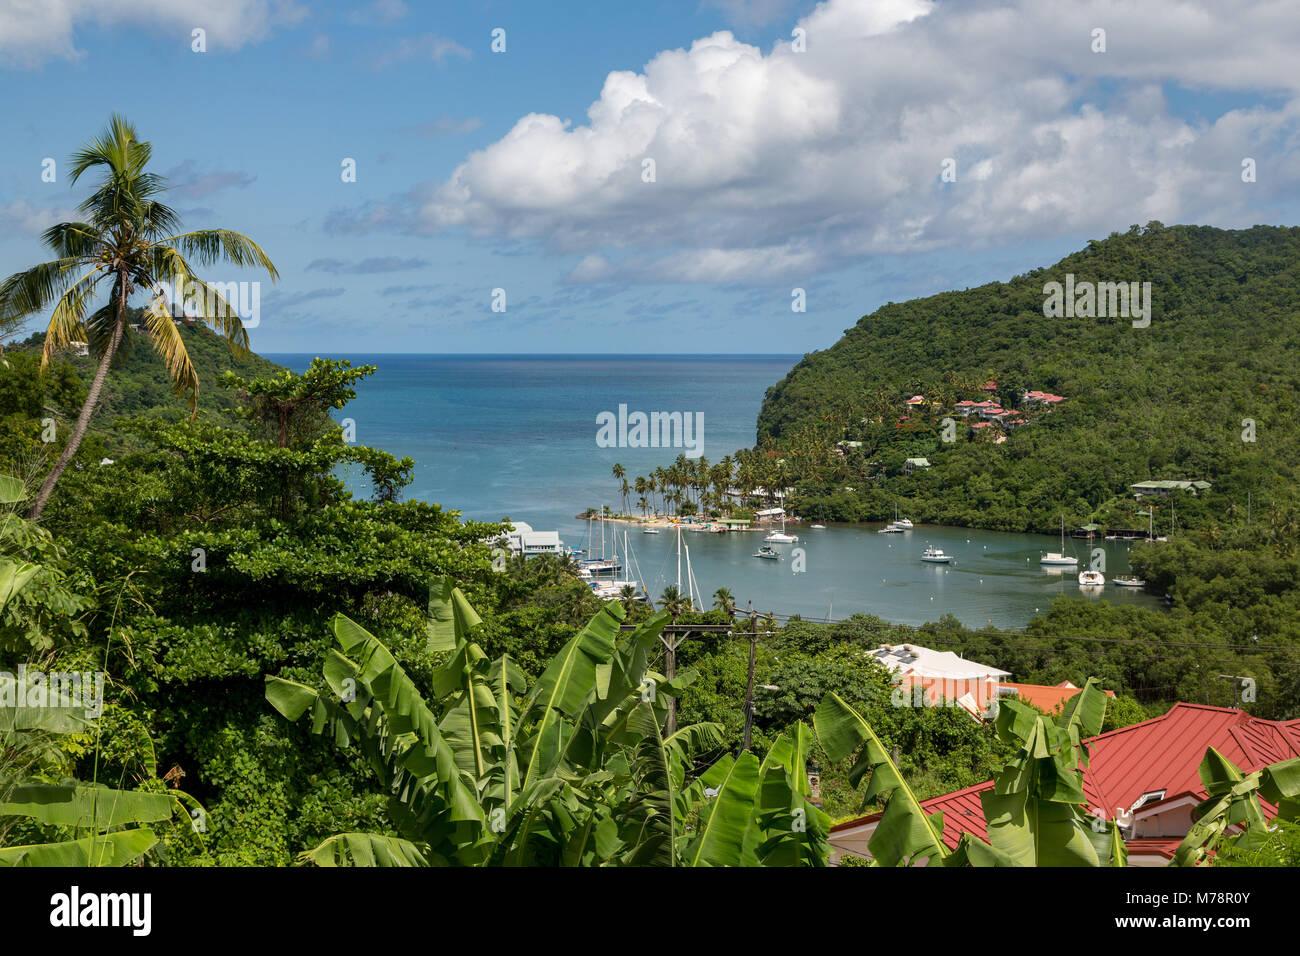 El tropical y muy protegida de Marigot Bay, Santa Lucía, Islas de Barlovento del Caribe, Las Antillas, América Imagen De Stock